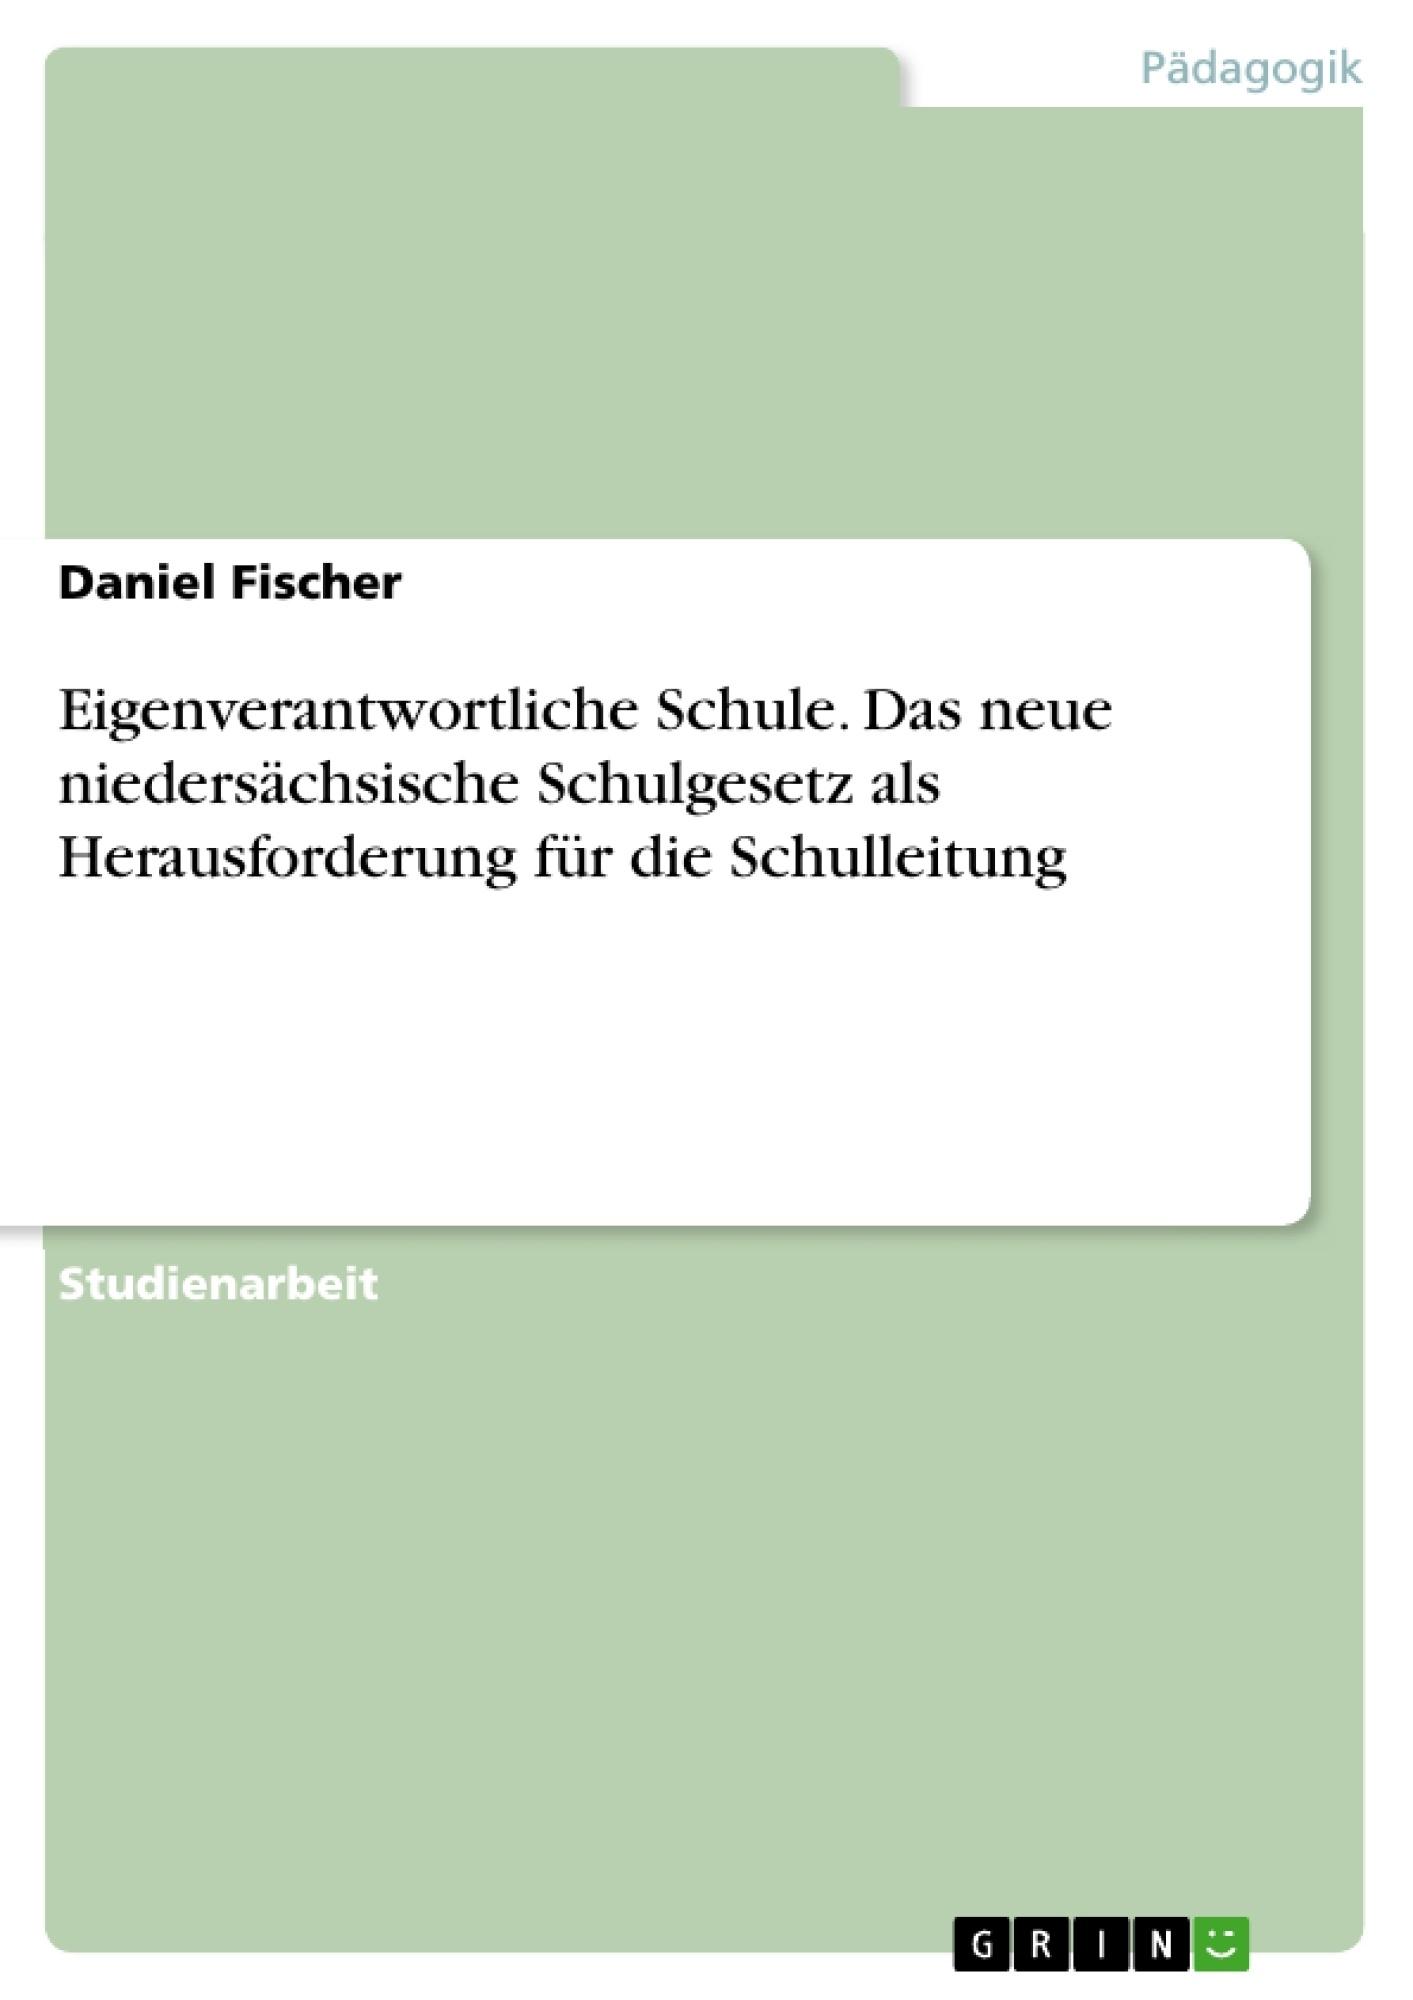 Titel: Eigenverantwortliche Schule. Das neue niedersächsische Schulgesetz als Herausforderung für die Schulleitung